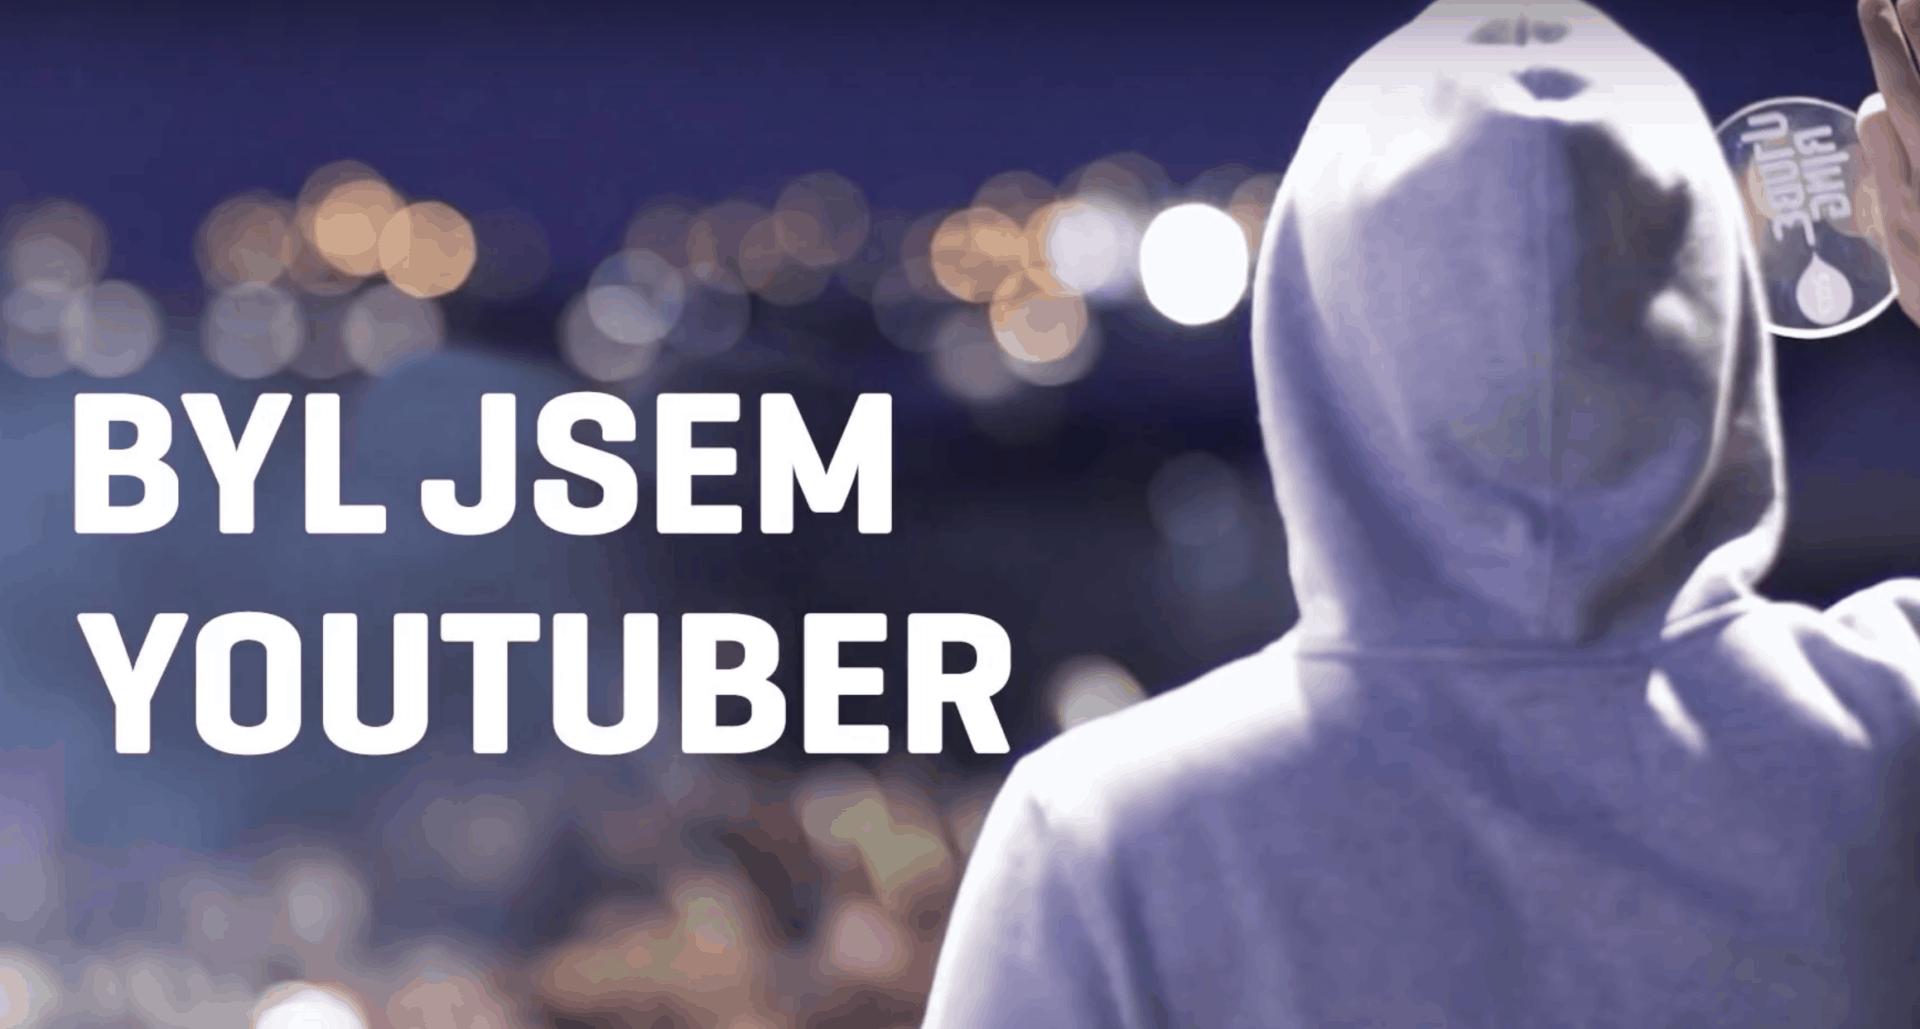 Jak vydělávat na Youtube? Jak jsou na tom čeští Youtubeři?